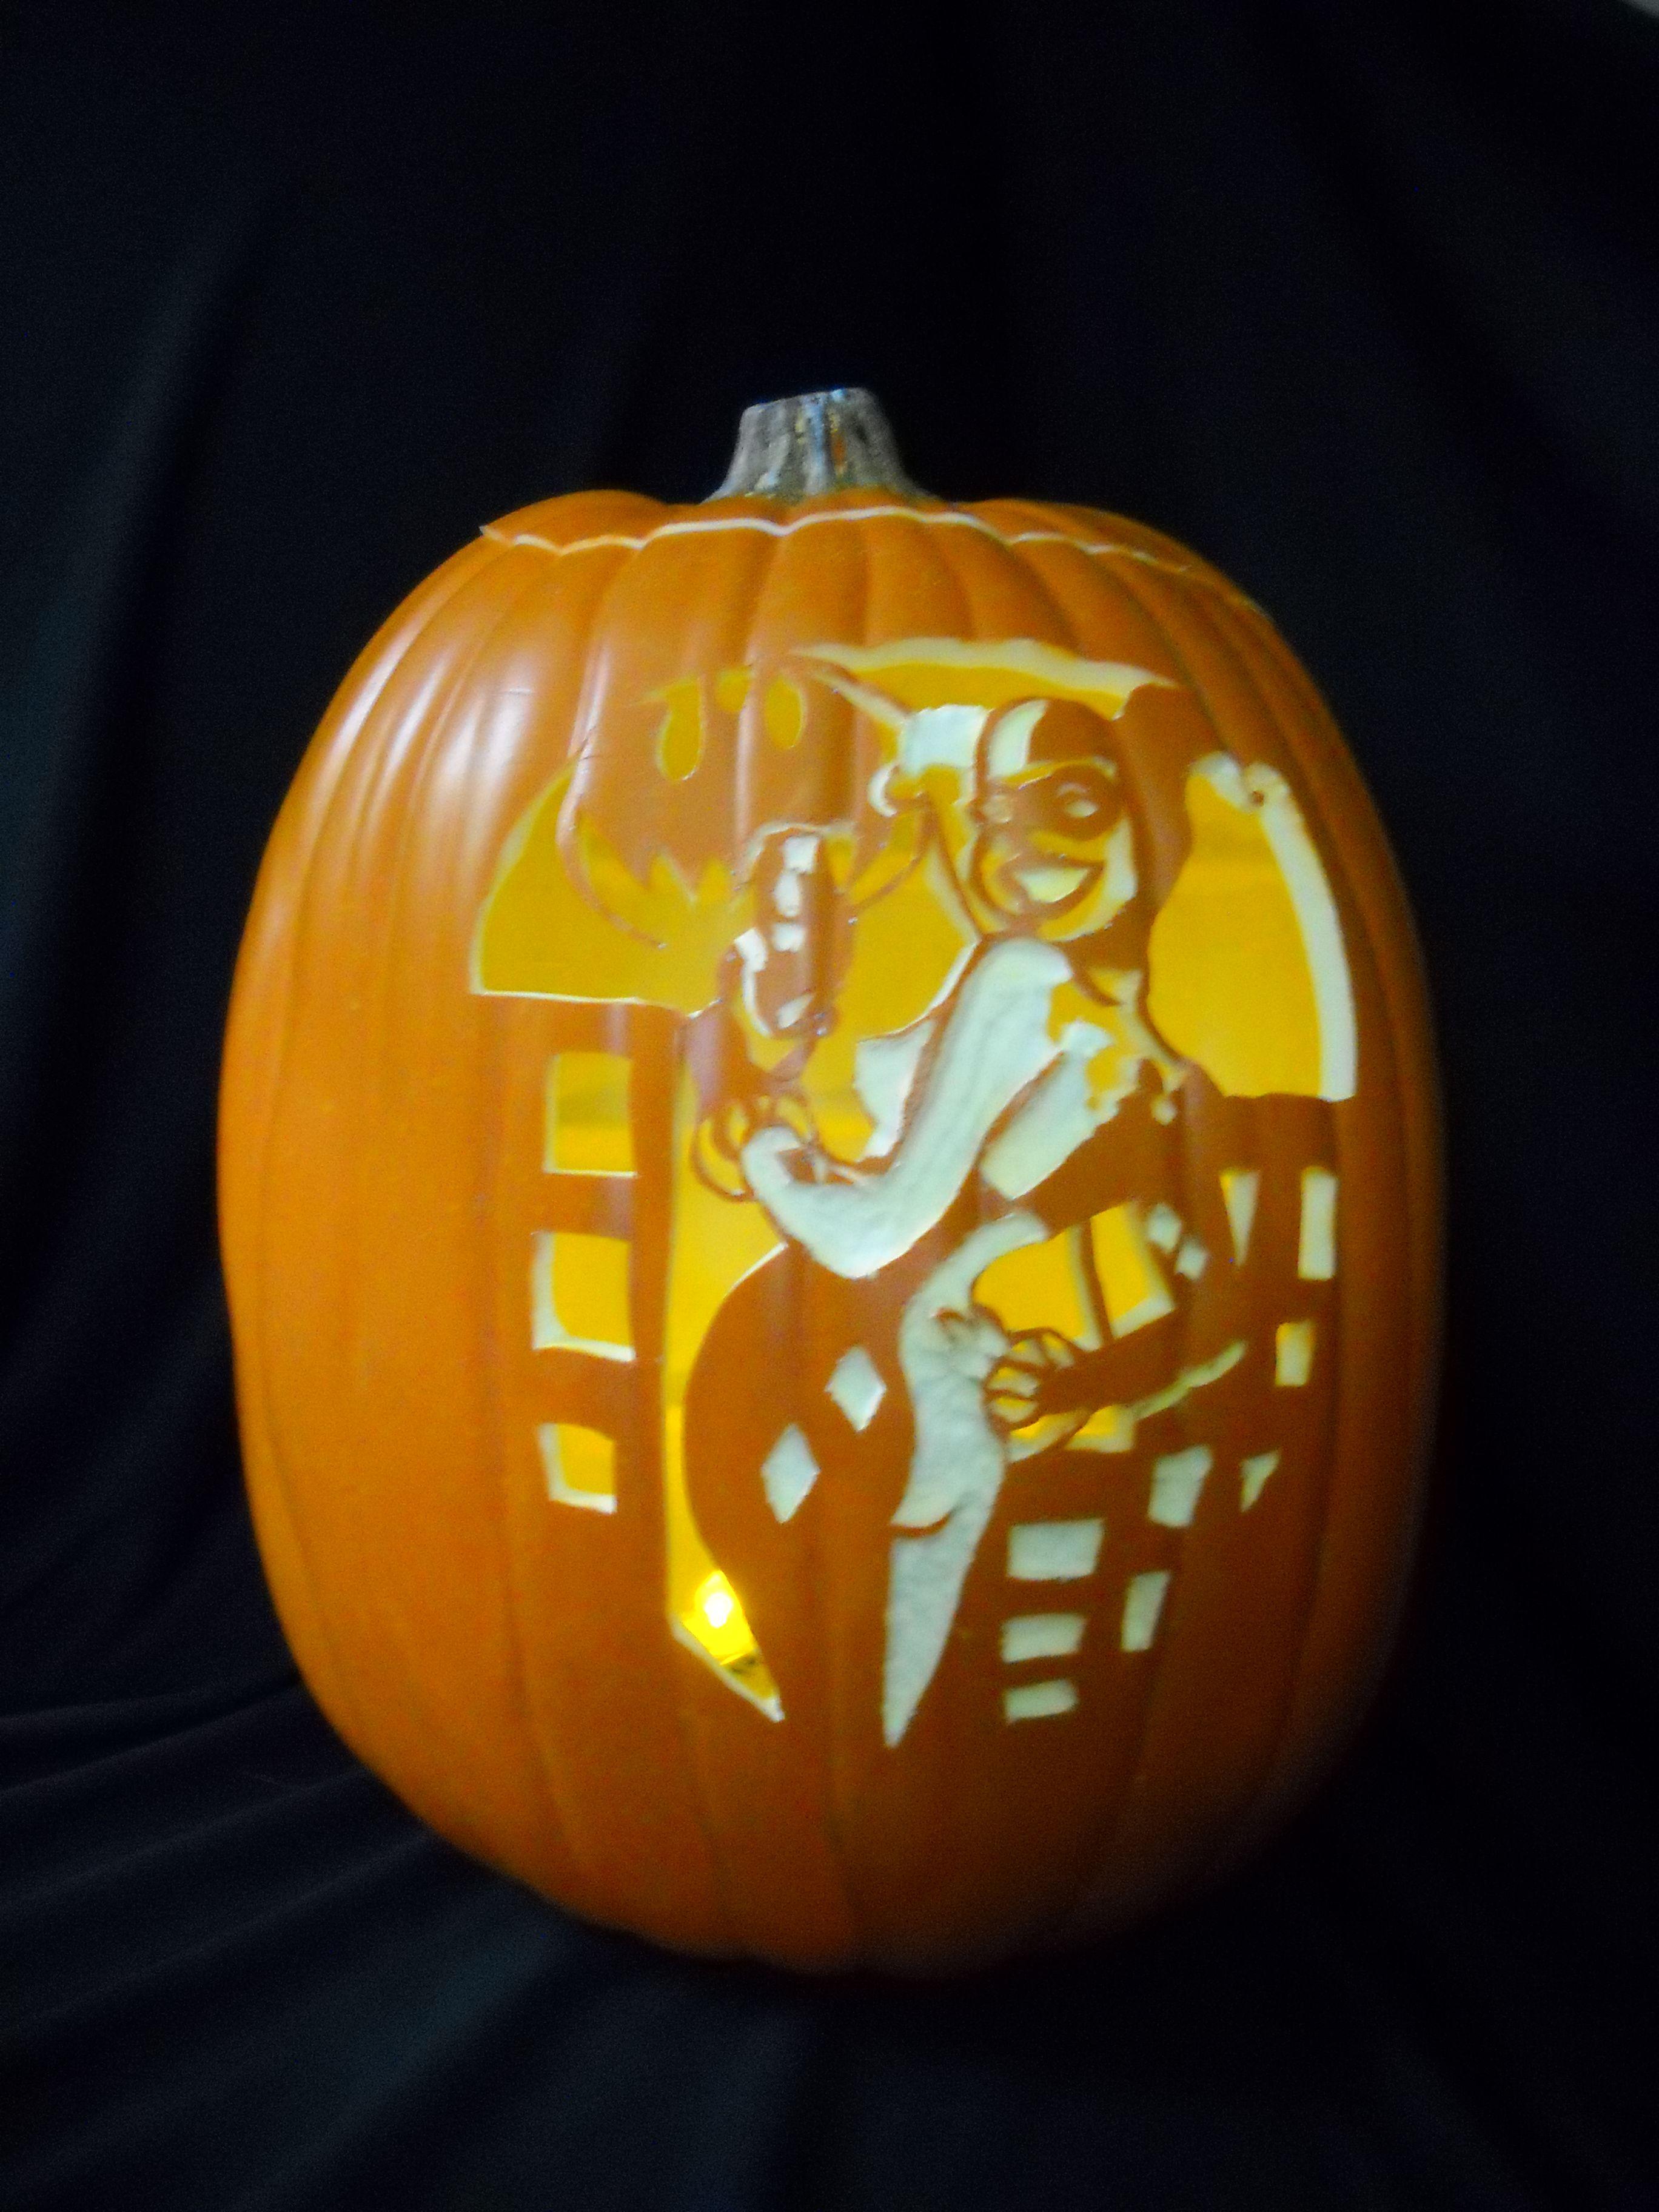 harley quinn pumpkin carving stencil  Pin on Pumpkin carving